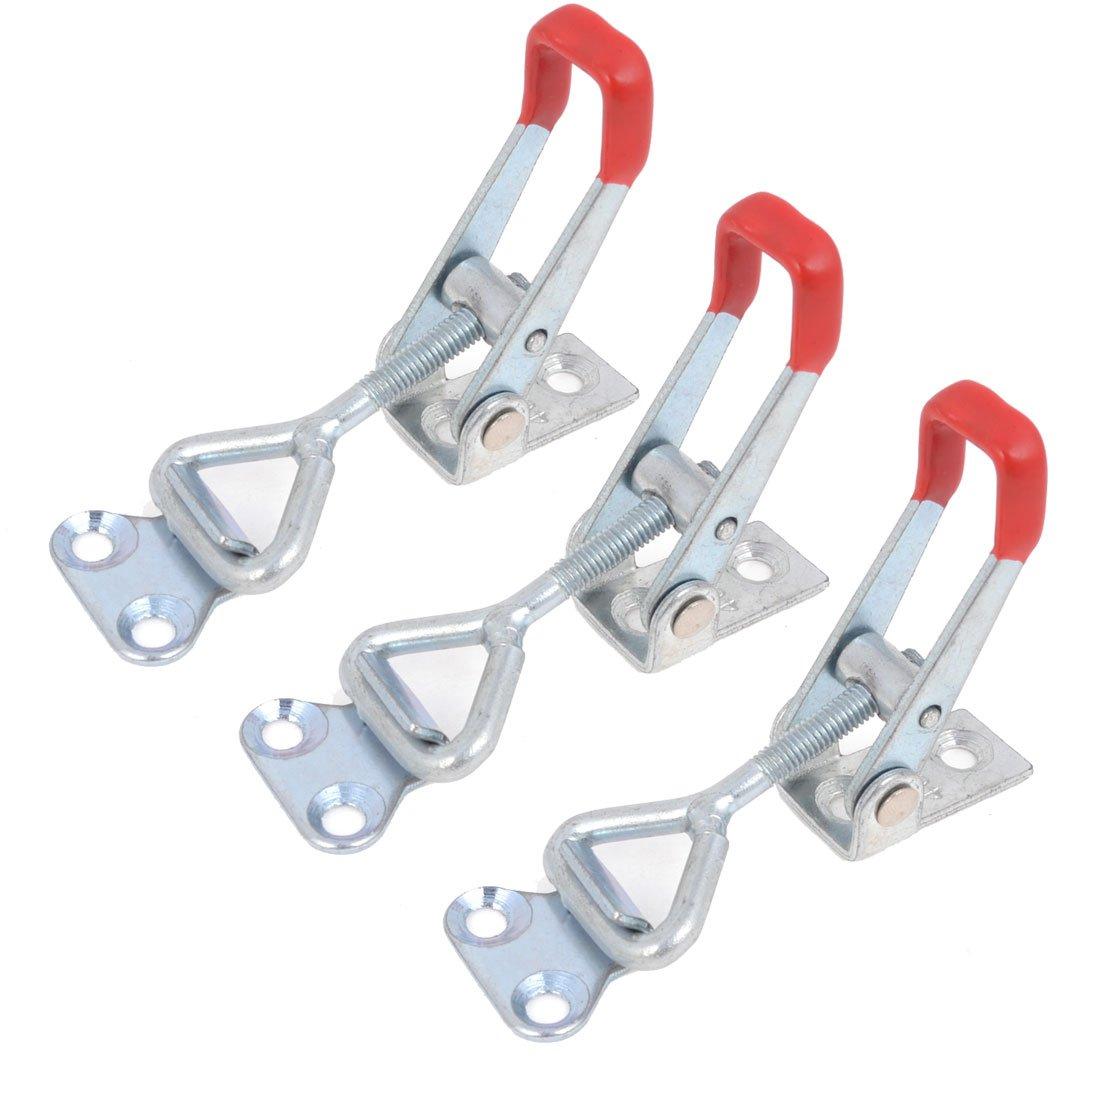 Sourcingmap a14052800ux00834001Lot de 3 loquets de serrage Capacité 100 kg